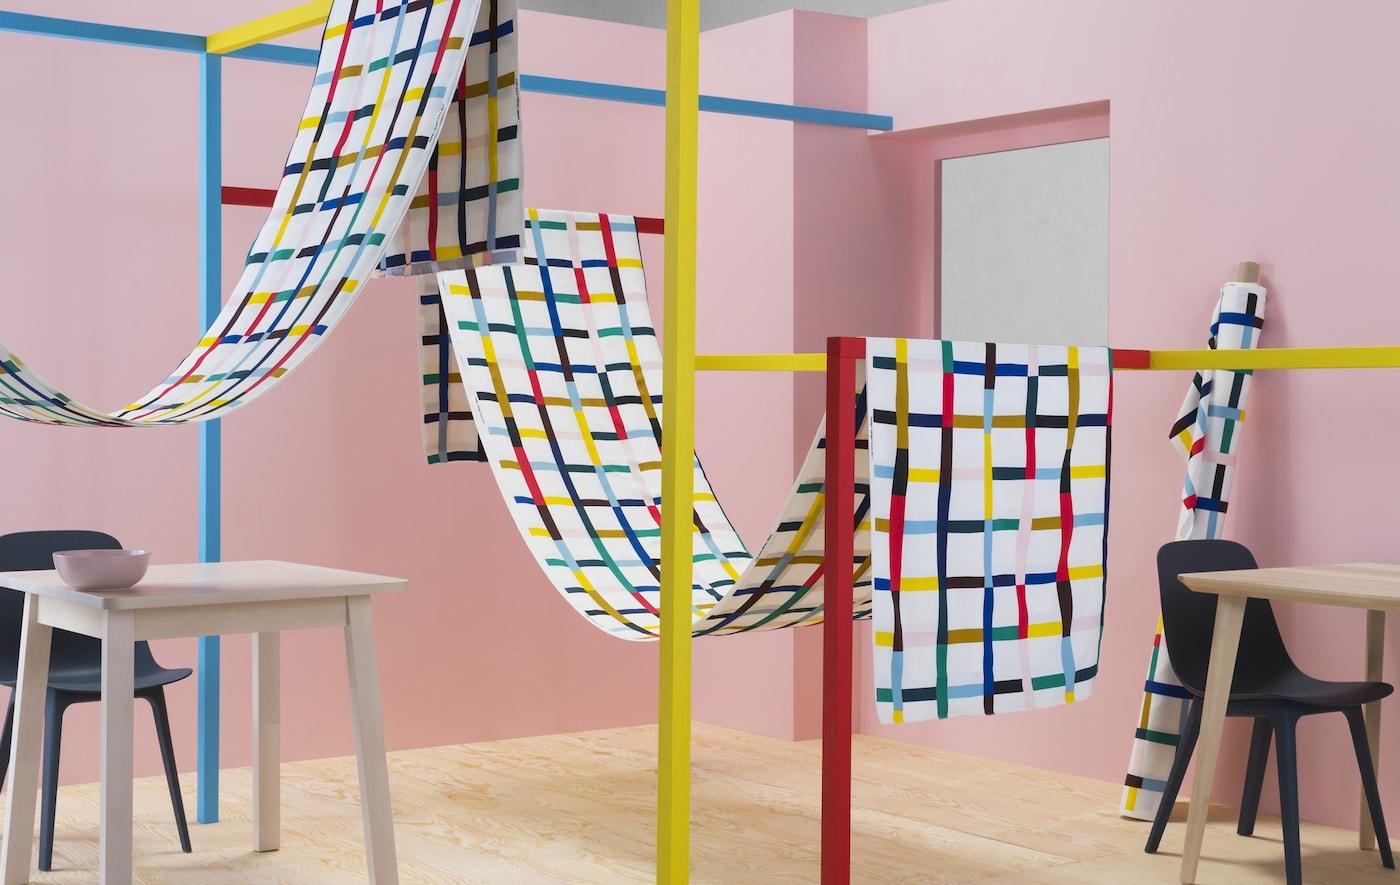 Tissu à motifs multicolores, enroulés autour de structures colorées dans une chambre à coucher rose.